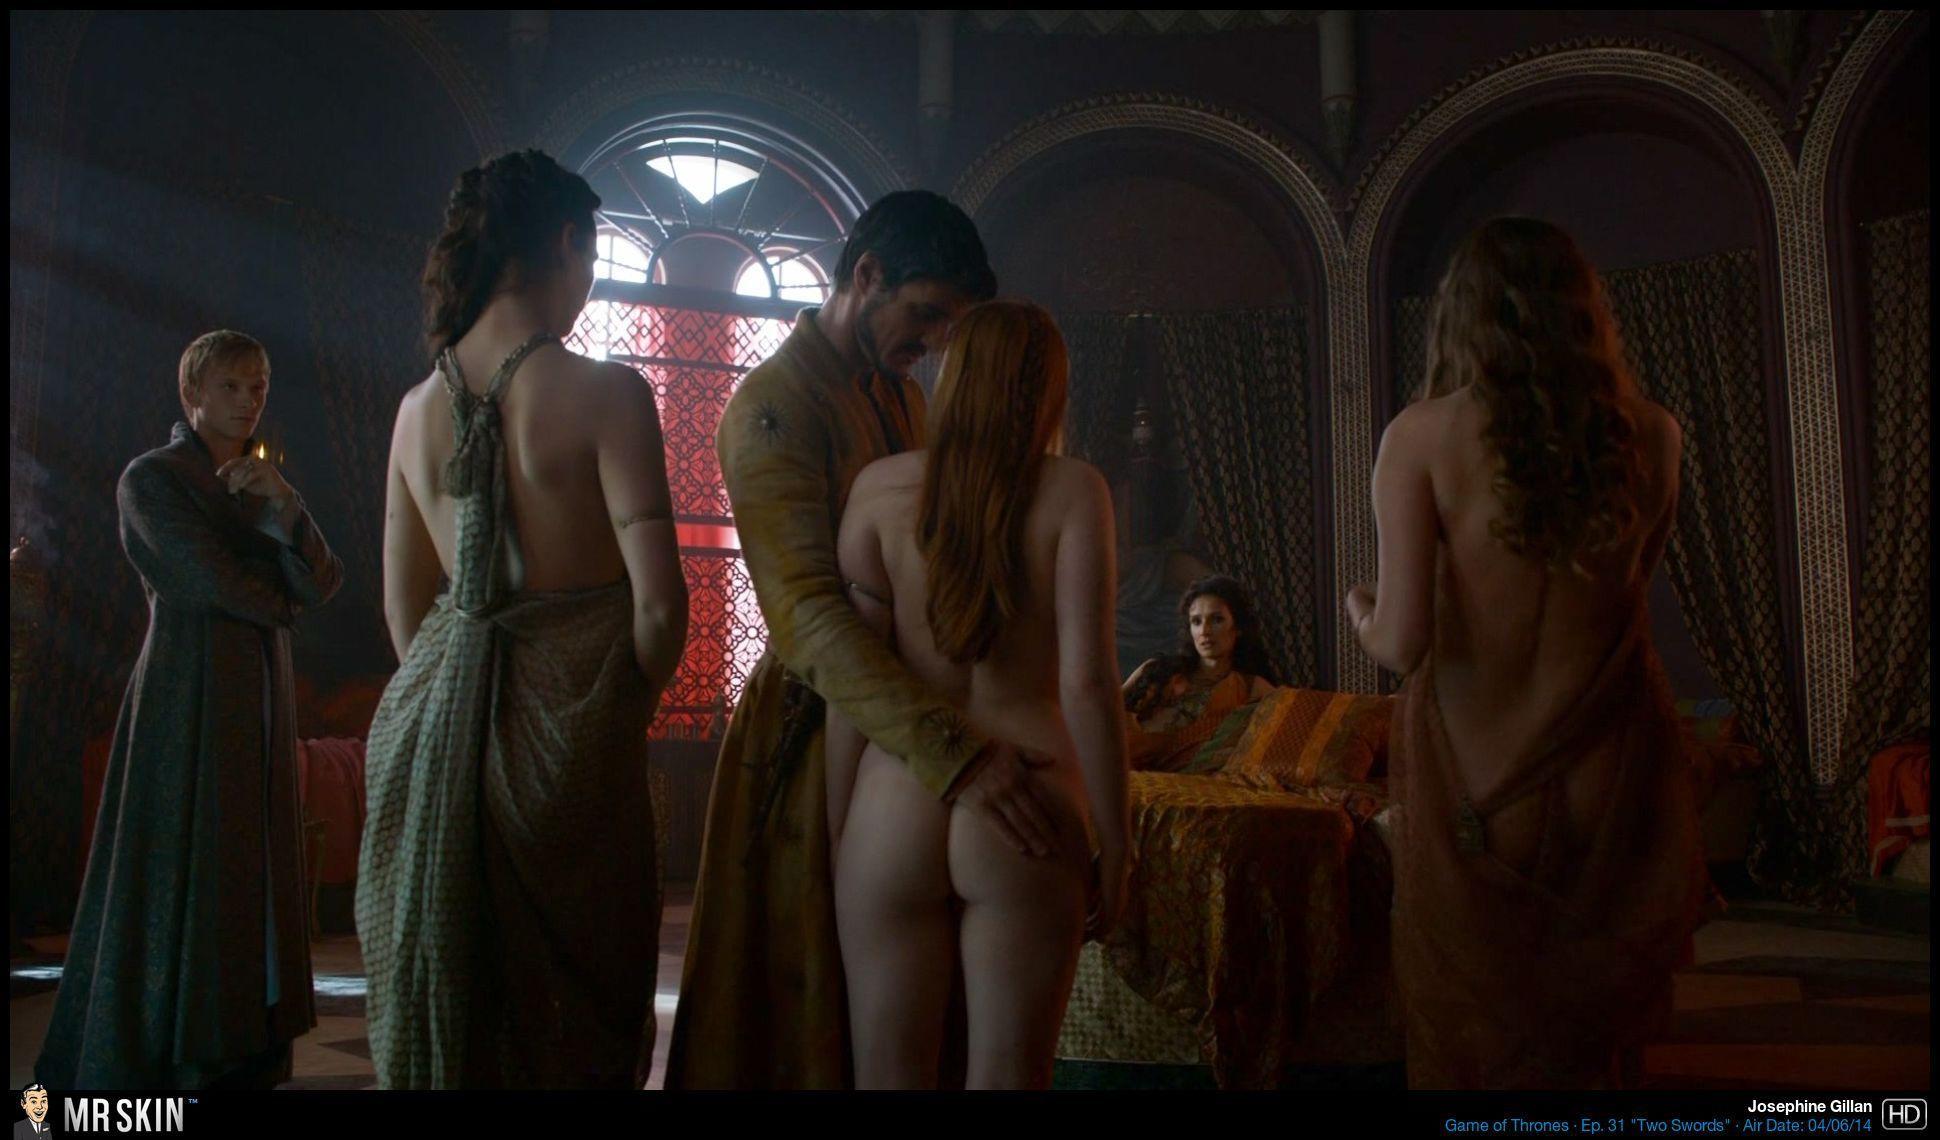 vikings nudity